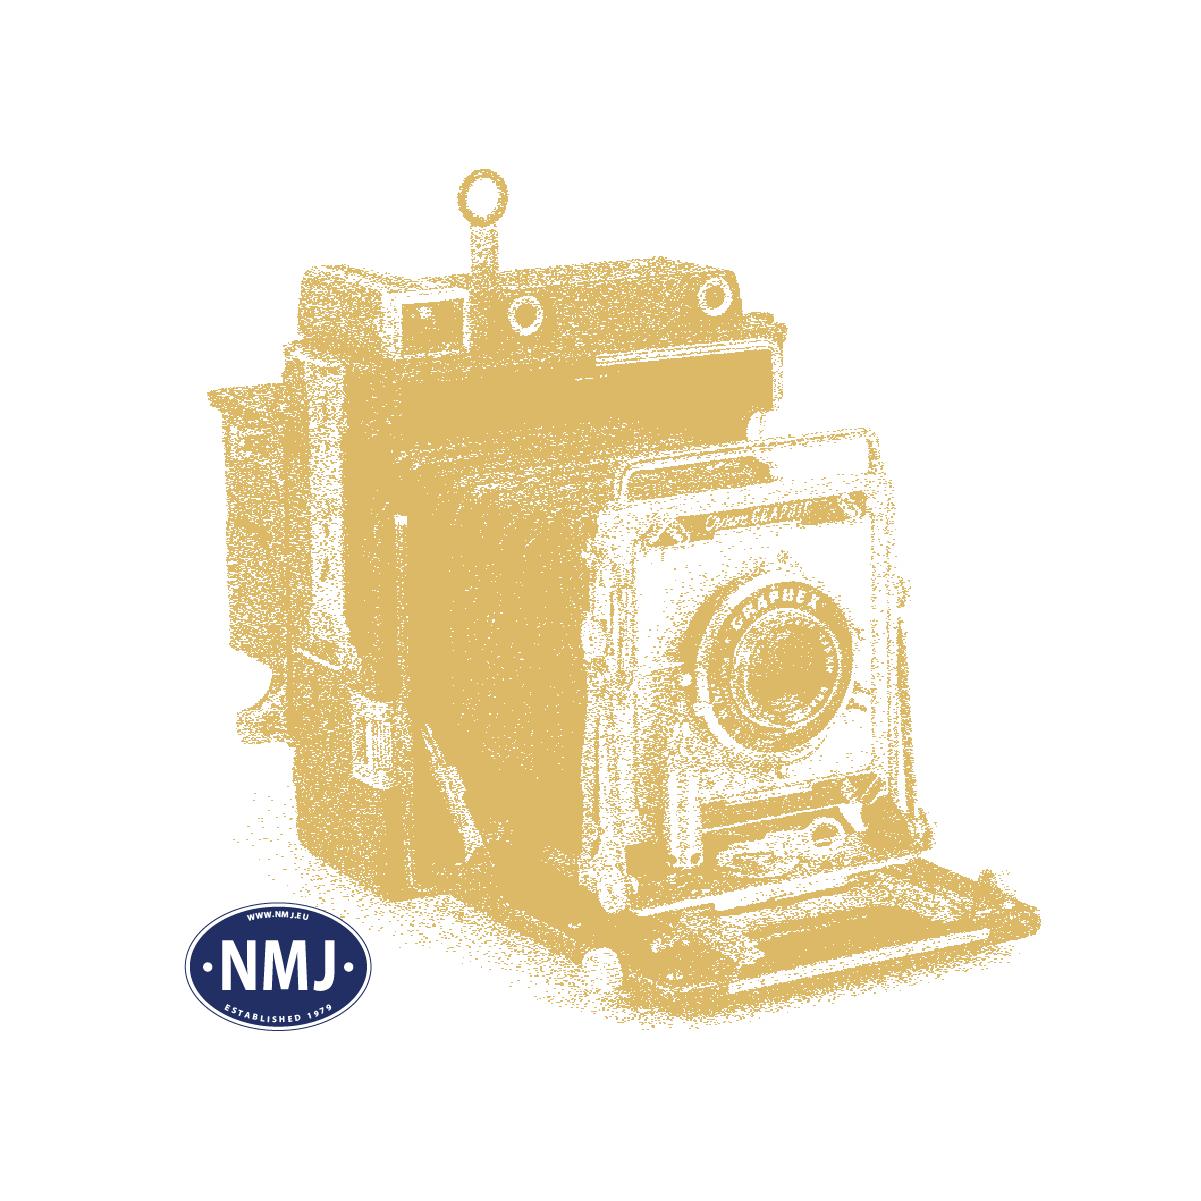 NMJT108.102 - NMJ Topline NSB BF11 21516 Gammeldesign